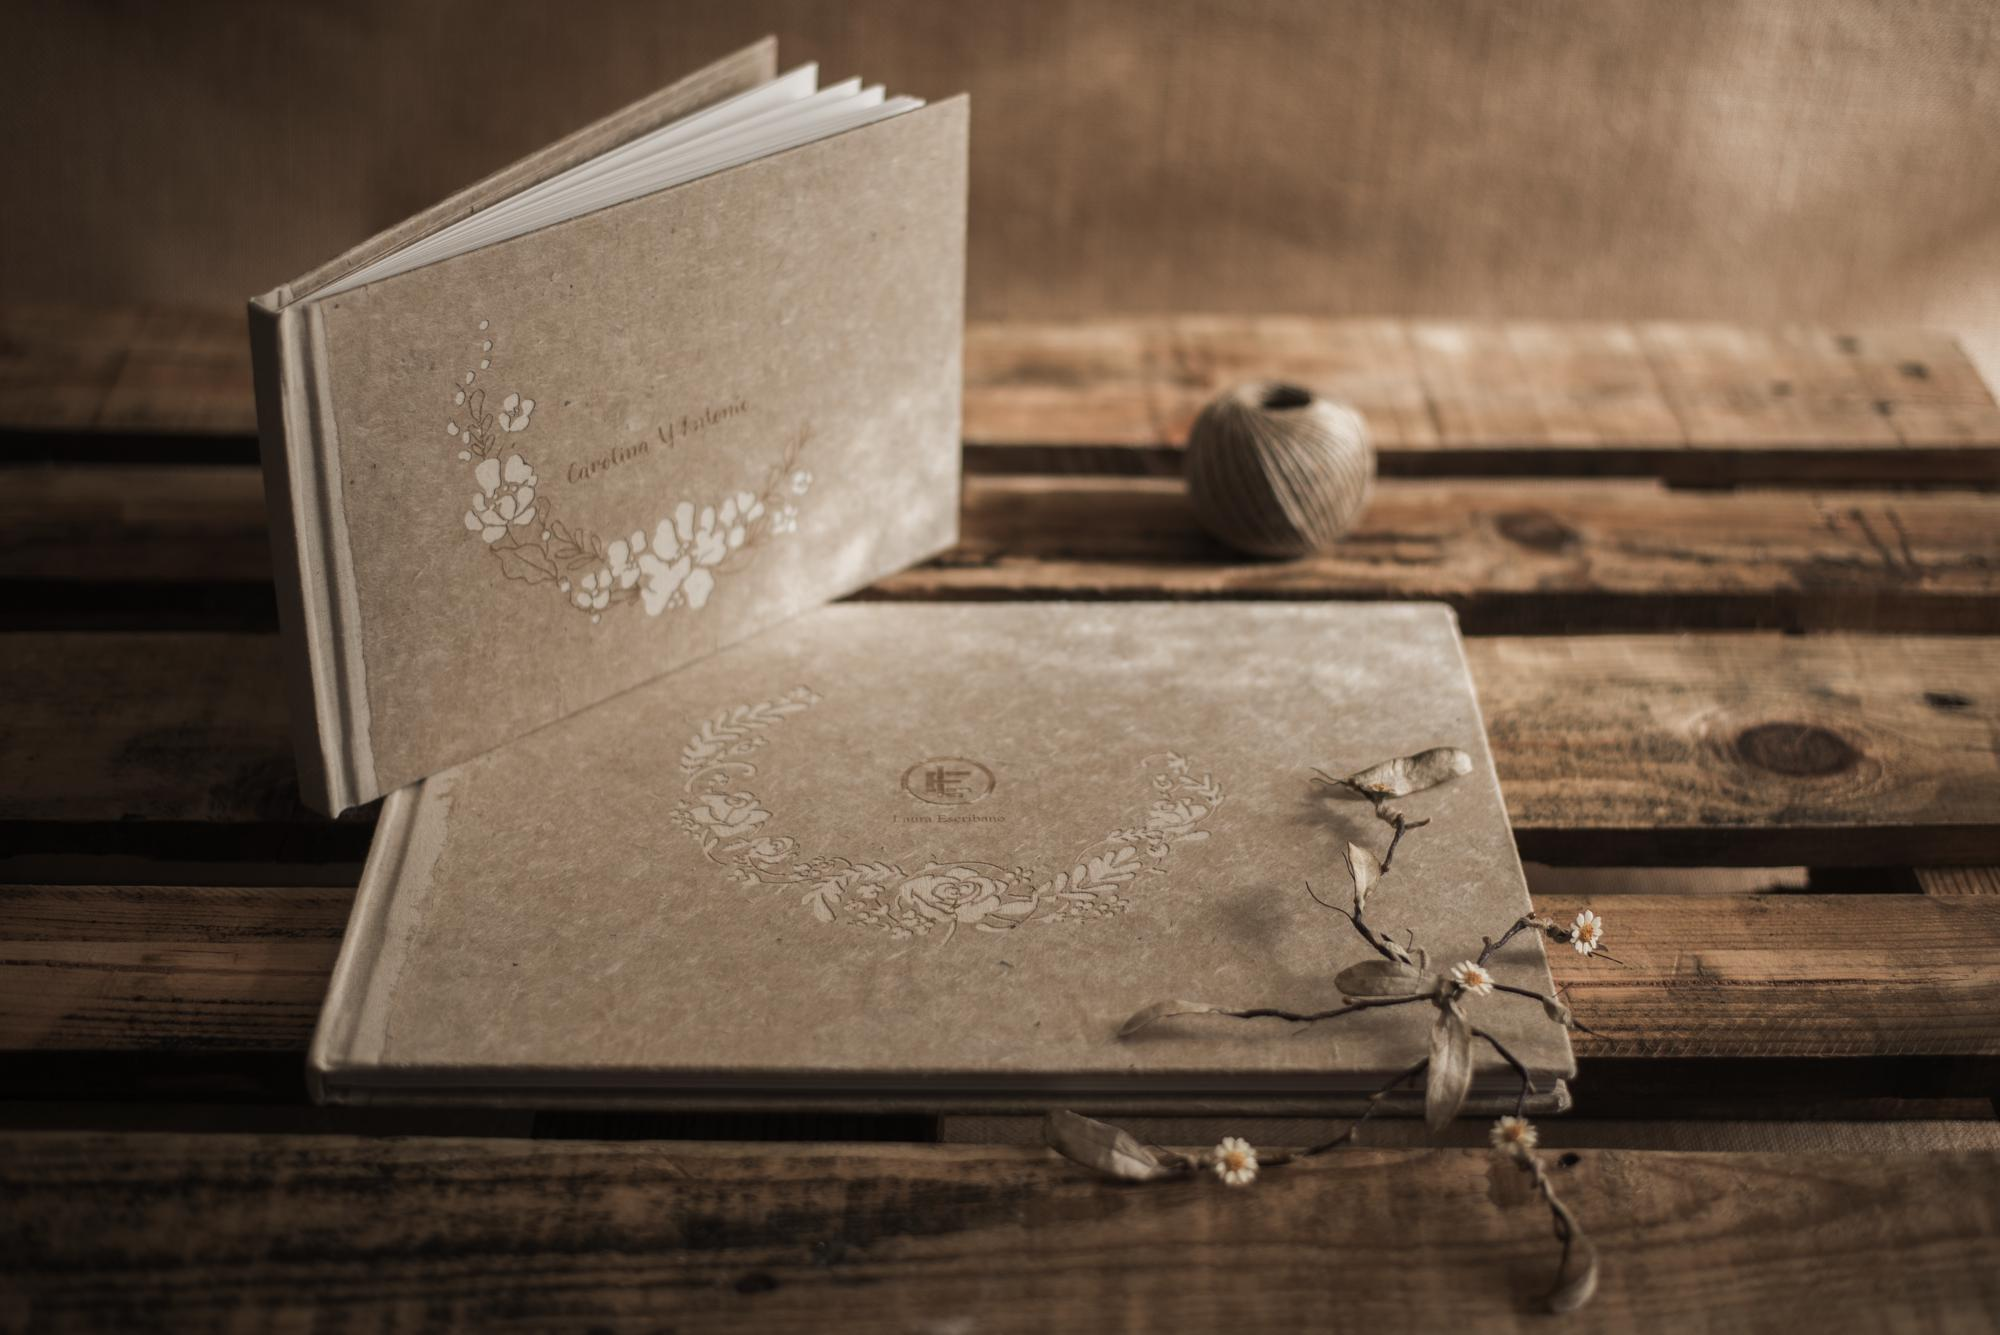 Libros de bodas con portada en papel nepalí color beige natural